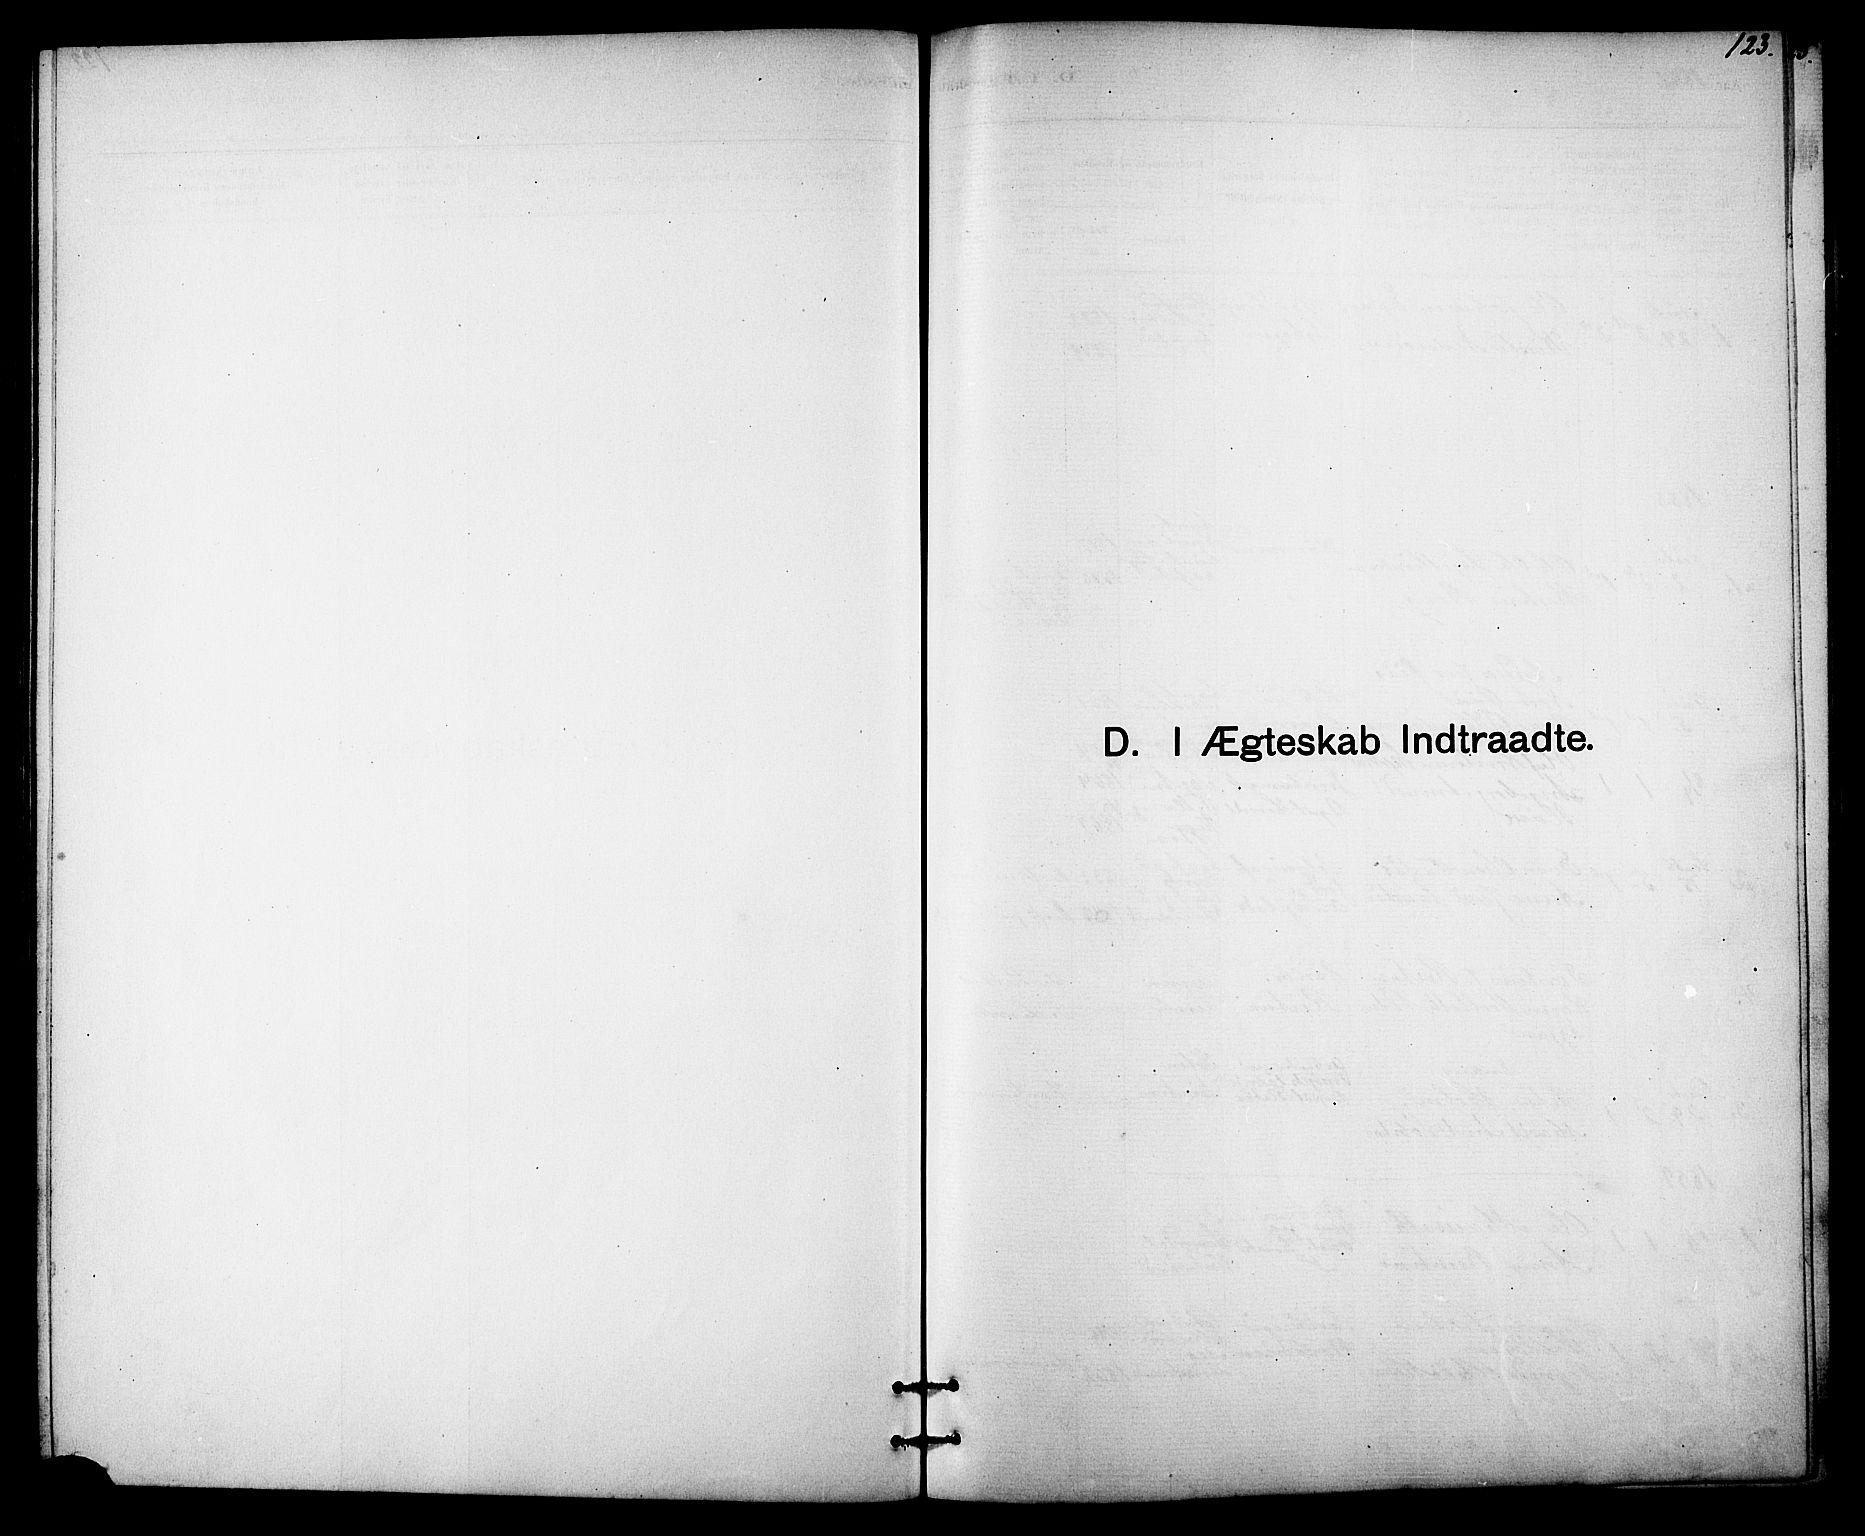 SAT, Ministerialprotokoller, klokkerbøker og fødselsregistre - Sør-Trøndelag, 613/L0395: Klokkerbok nr. 613C03, 1887-1909, s. 123